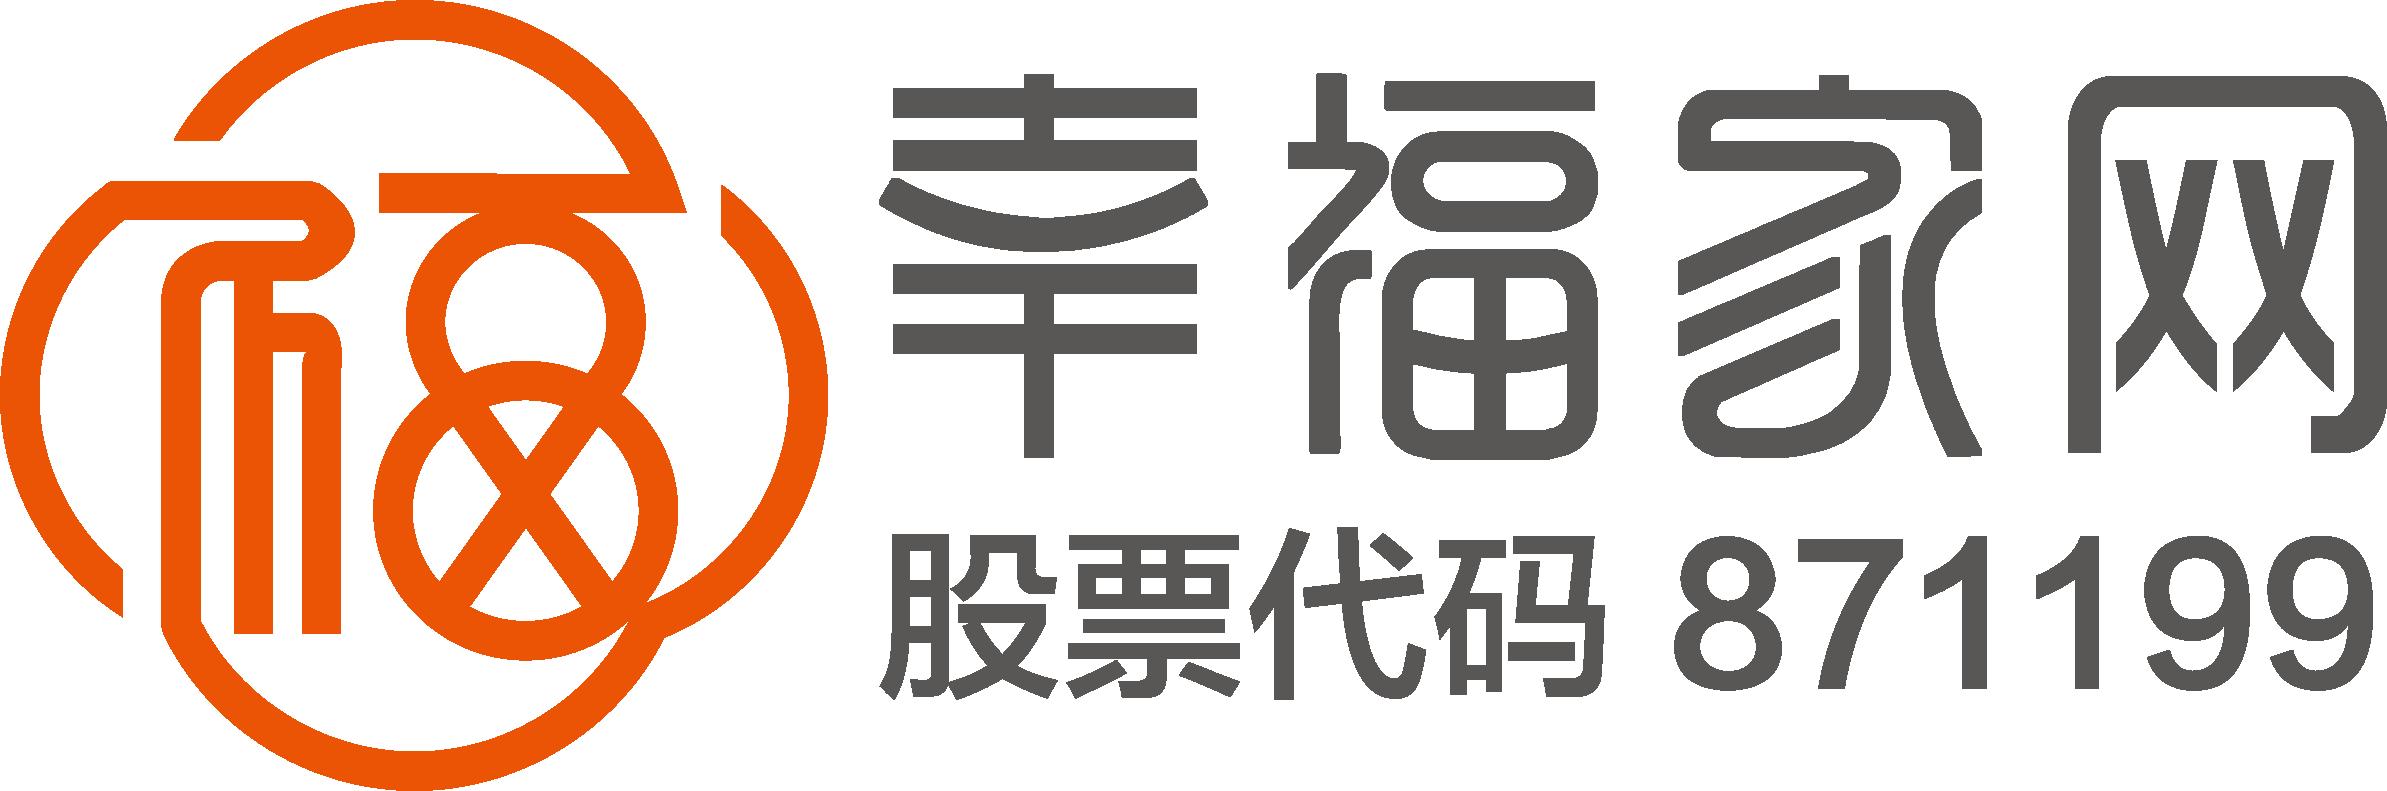 中山在售真房网_珠海房产中介咨询师-幸福家